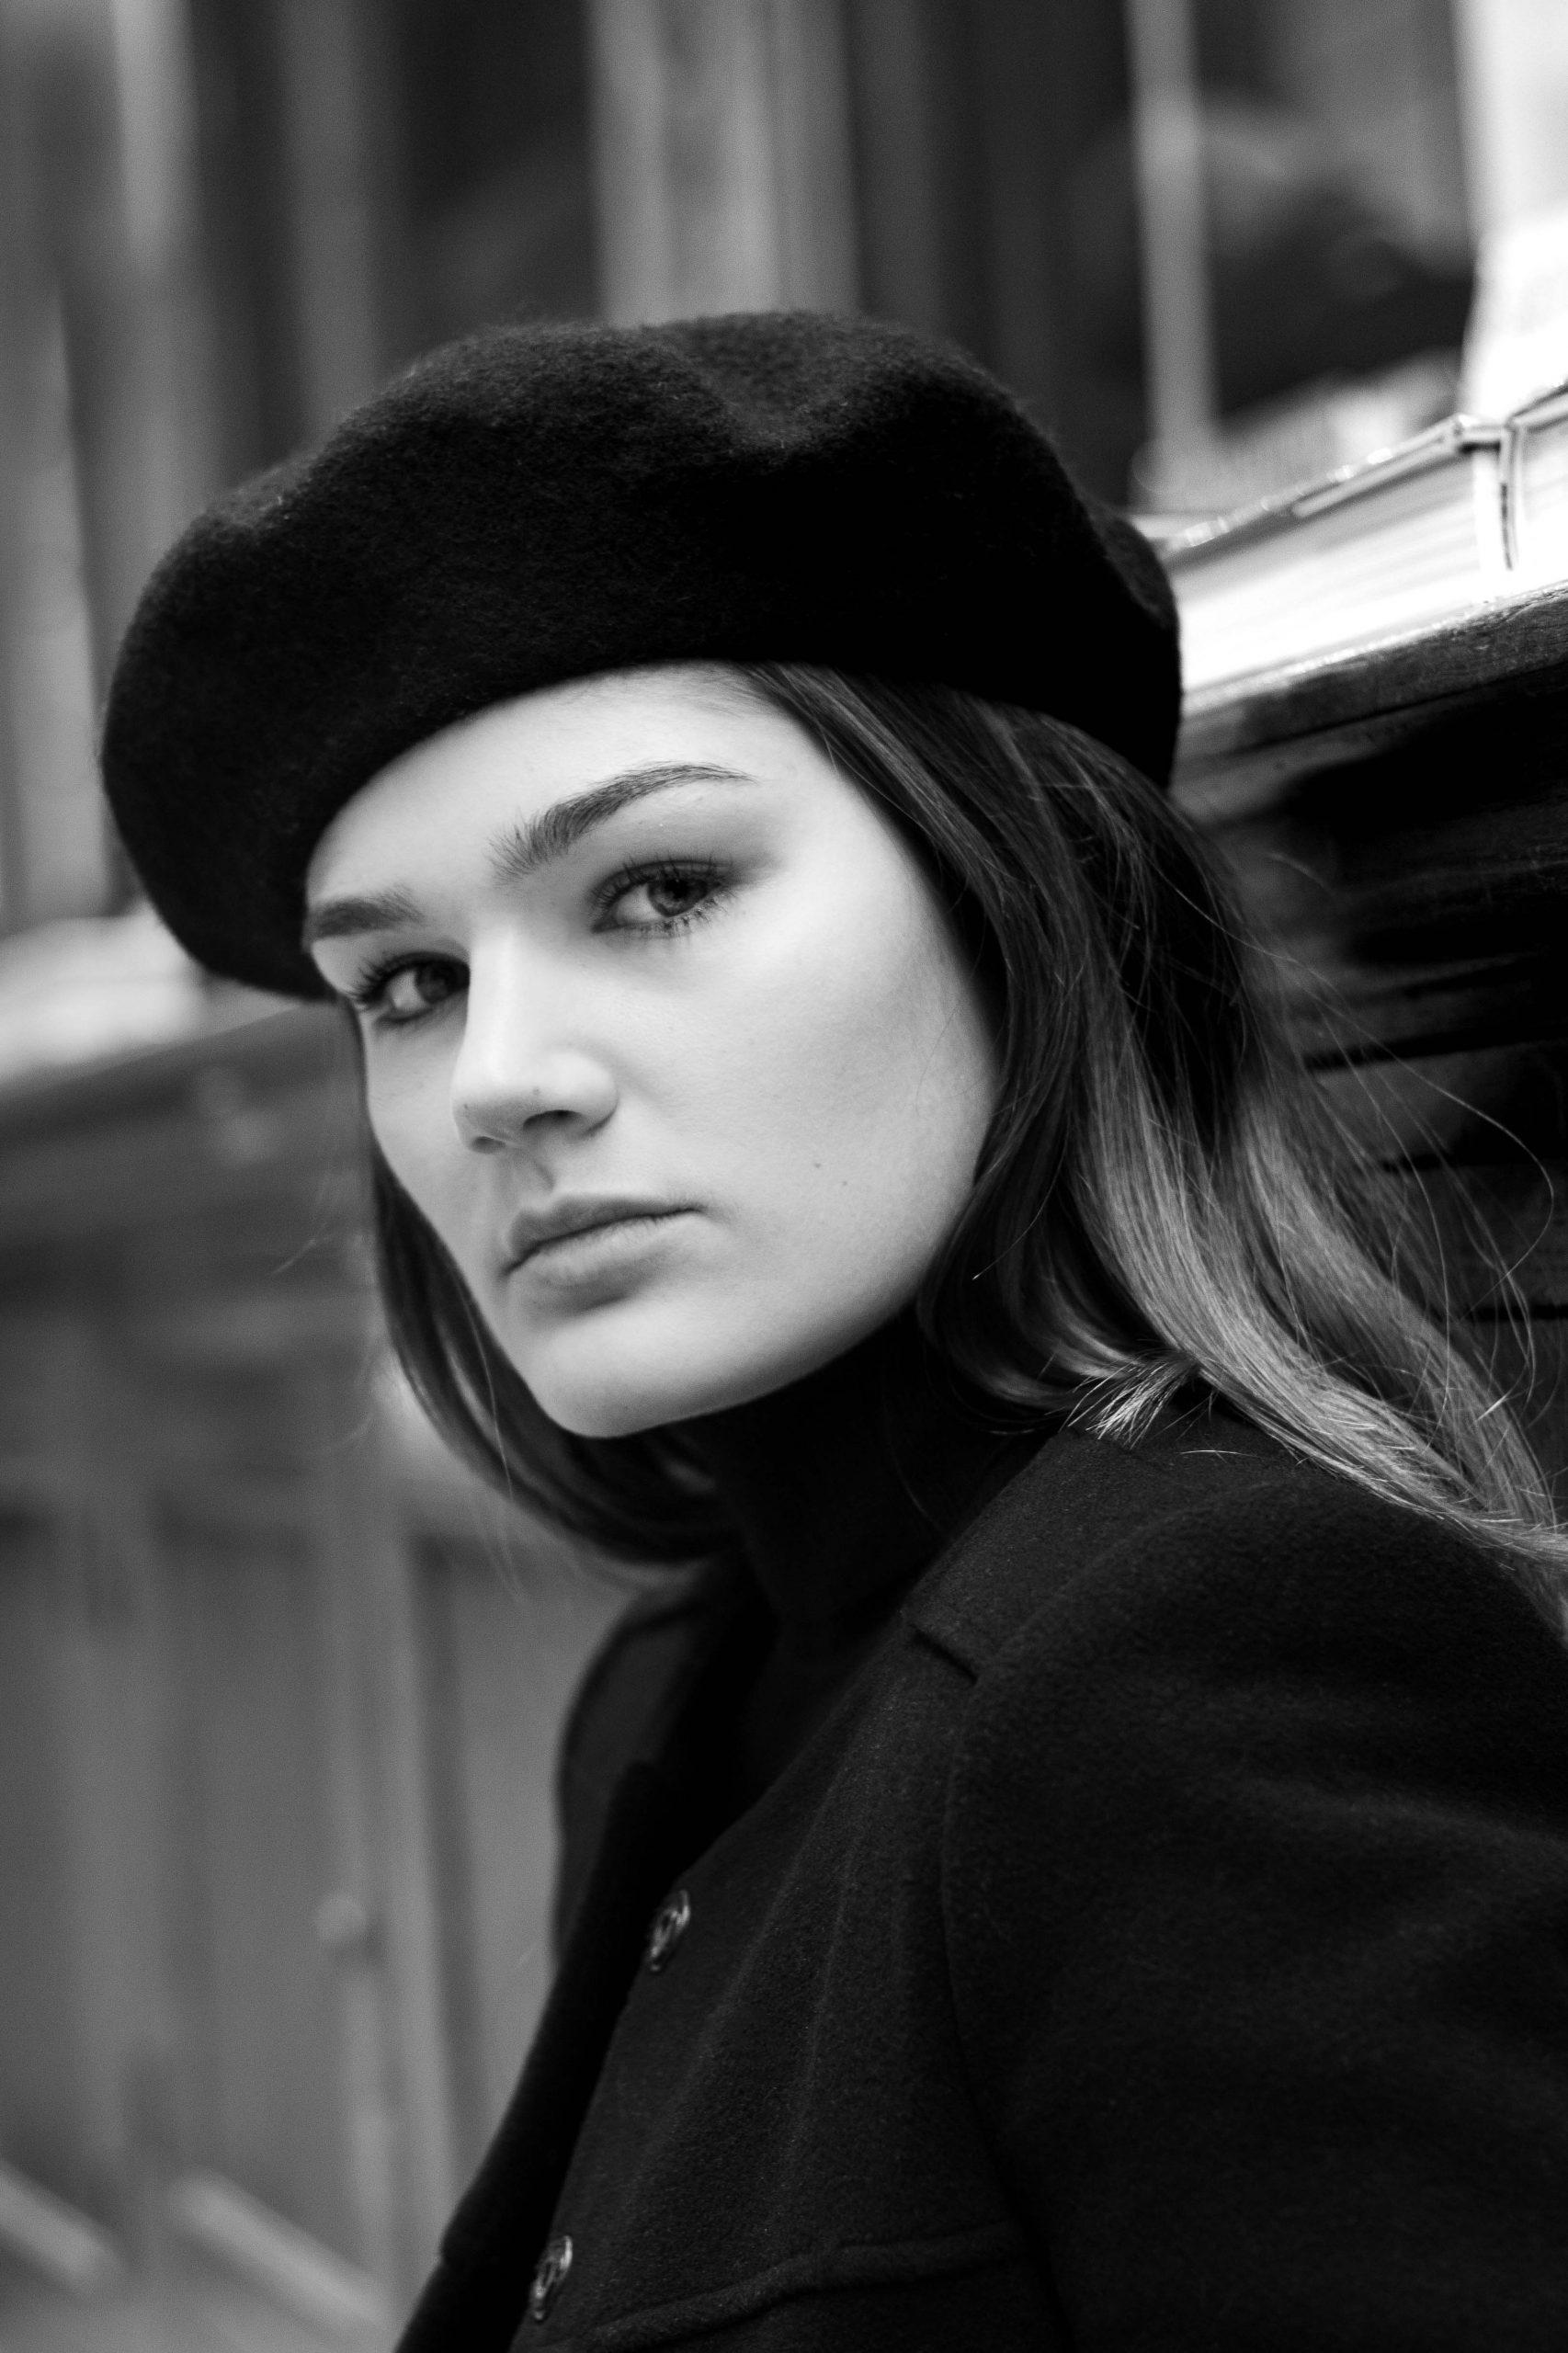 Photographe portrait galerie parisienne Marie